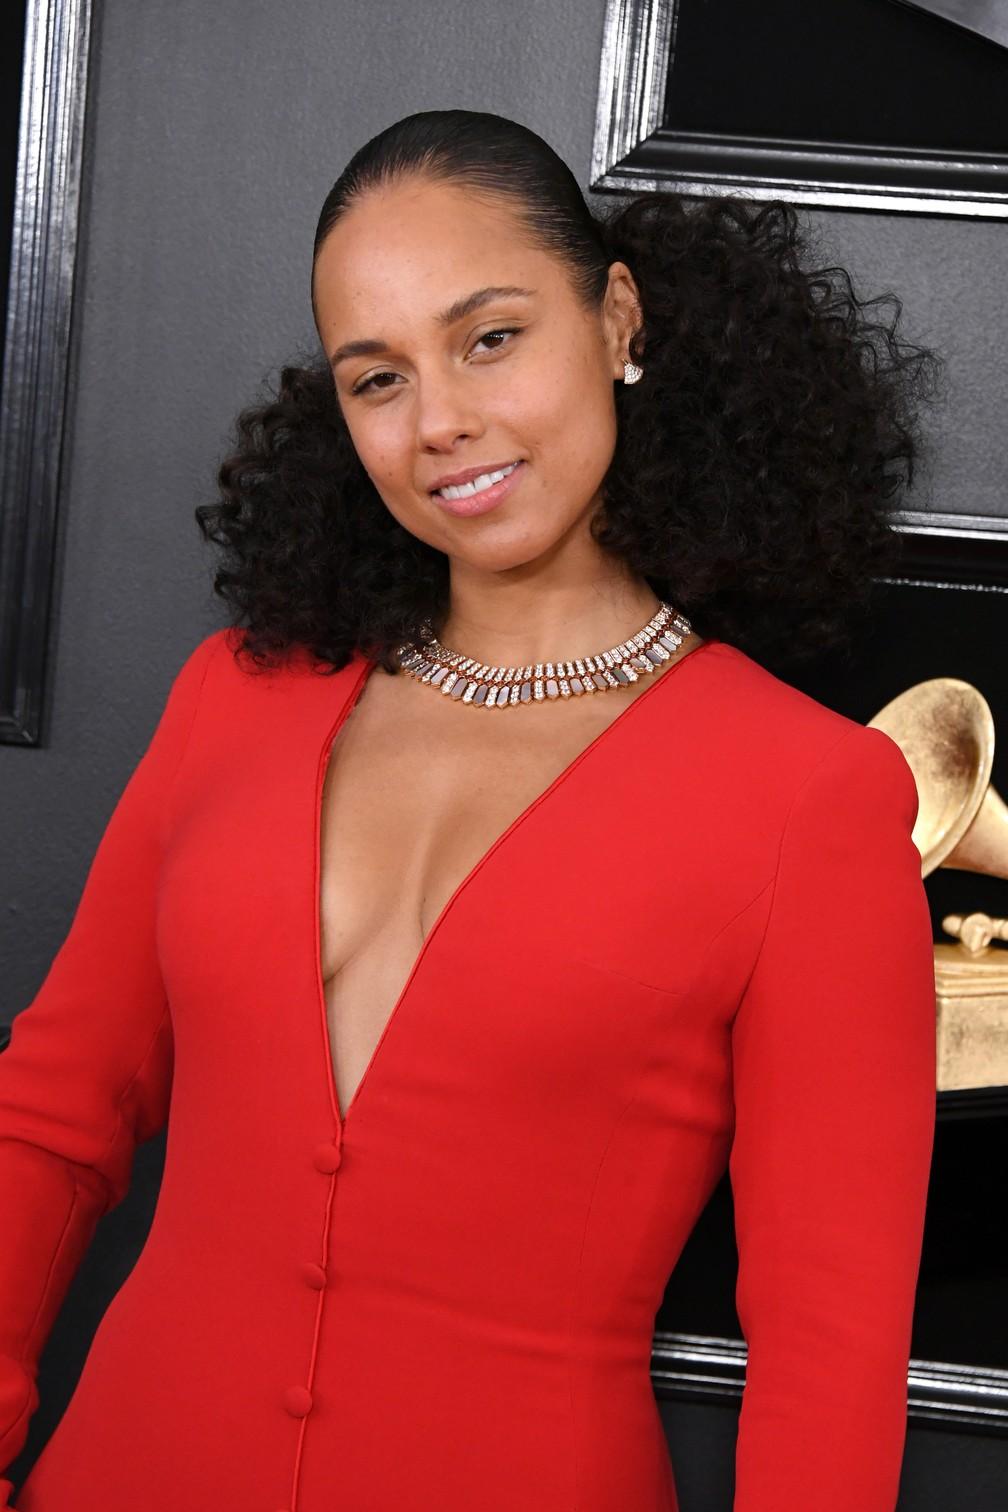 A cantora Alicia Keys, apresentadora da 61º edição do Grammy, chega para a premiação, em Los Angeles — Foto: Jon Kopaloff / GETTY IMAGES / AFP